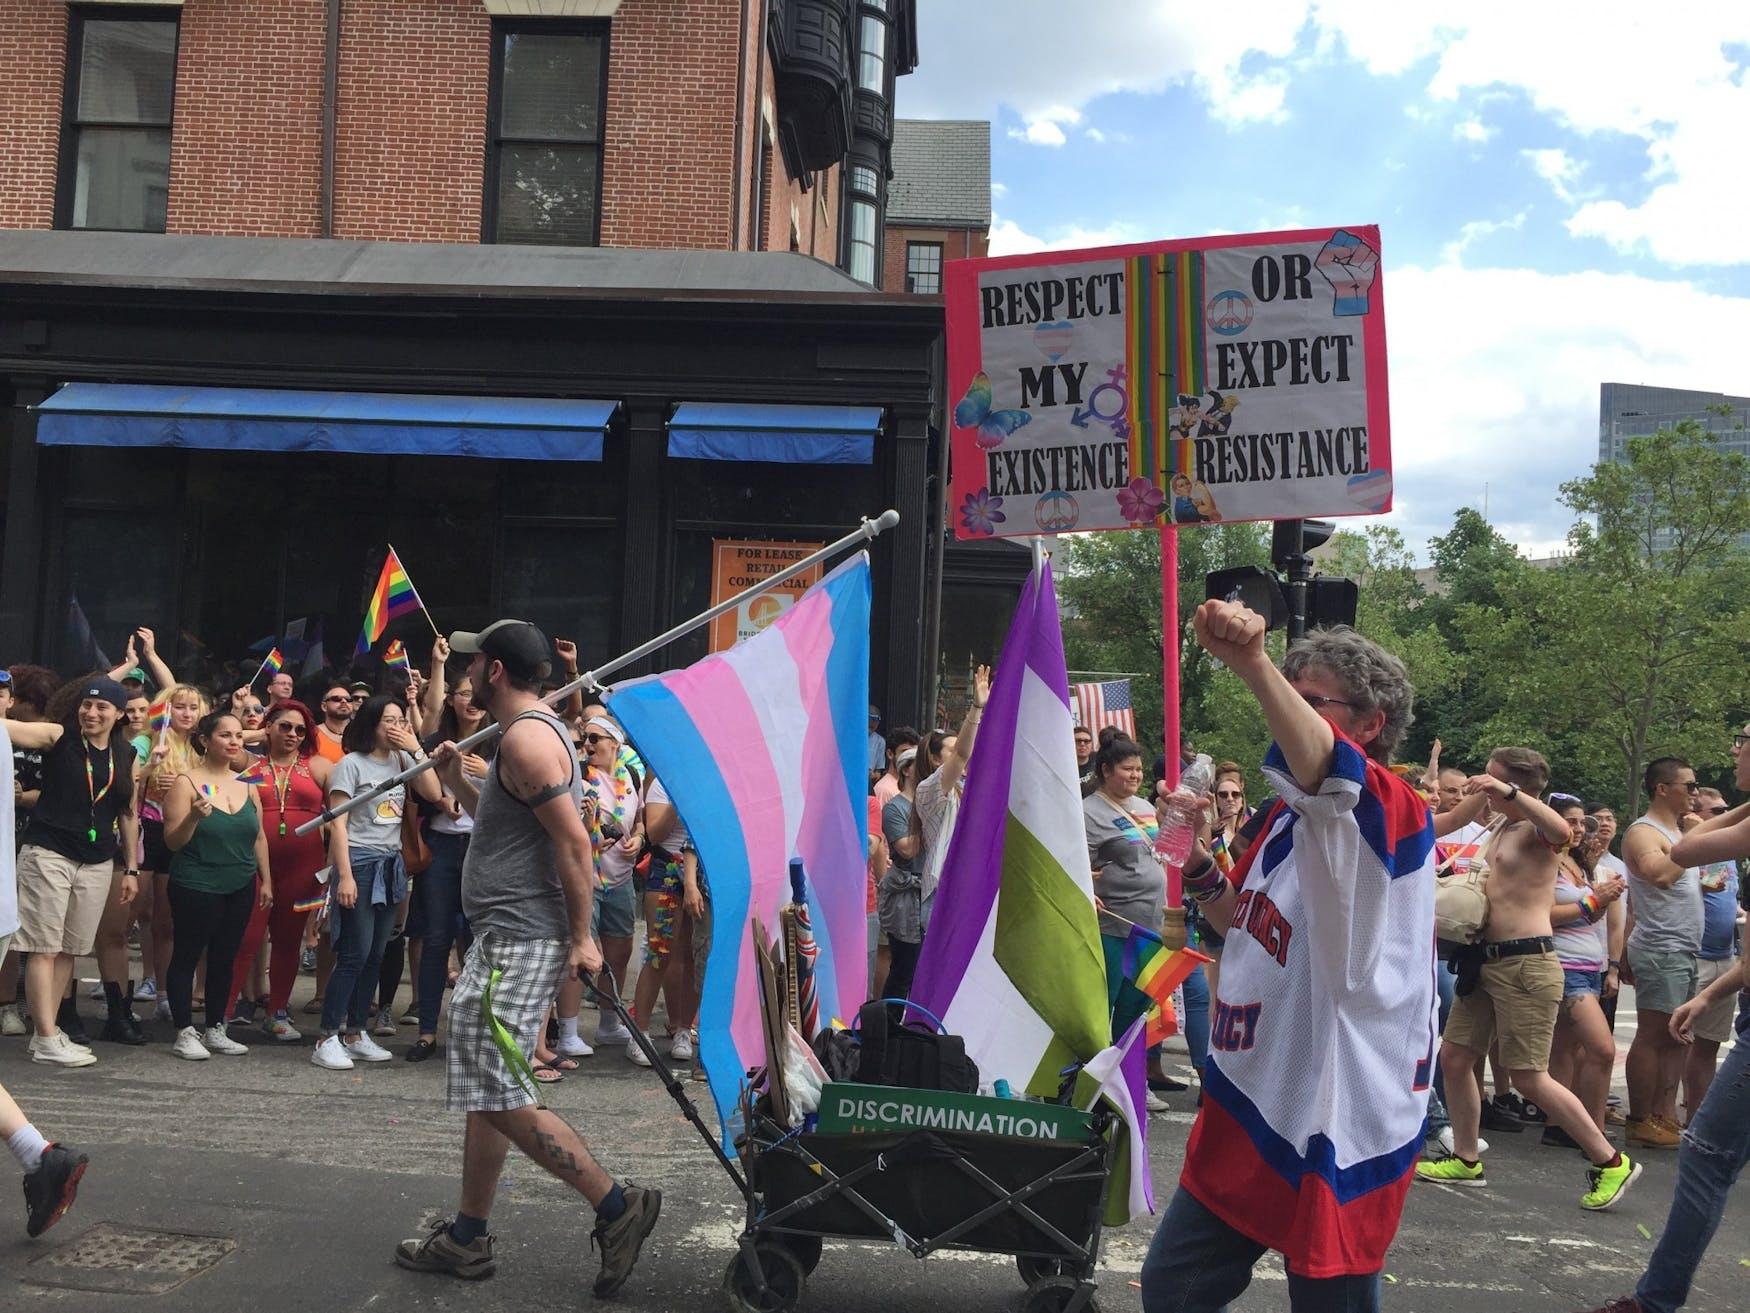 Boston Pride March_Stazi's photo.jpg